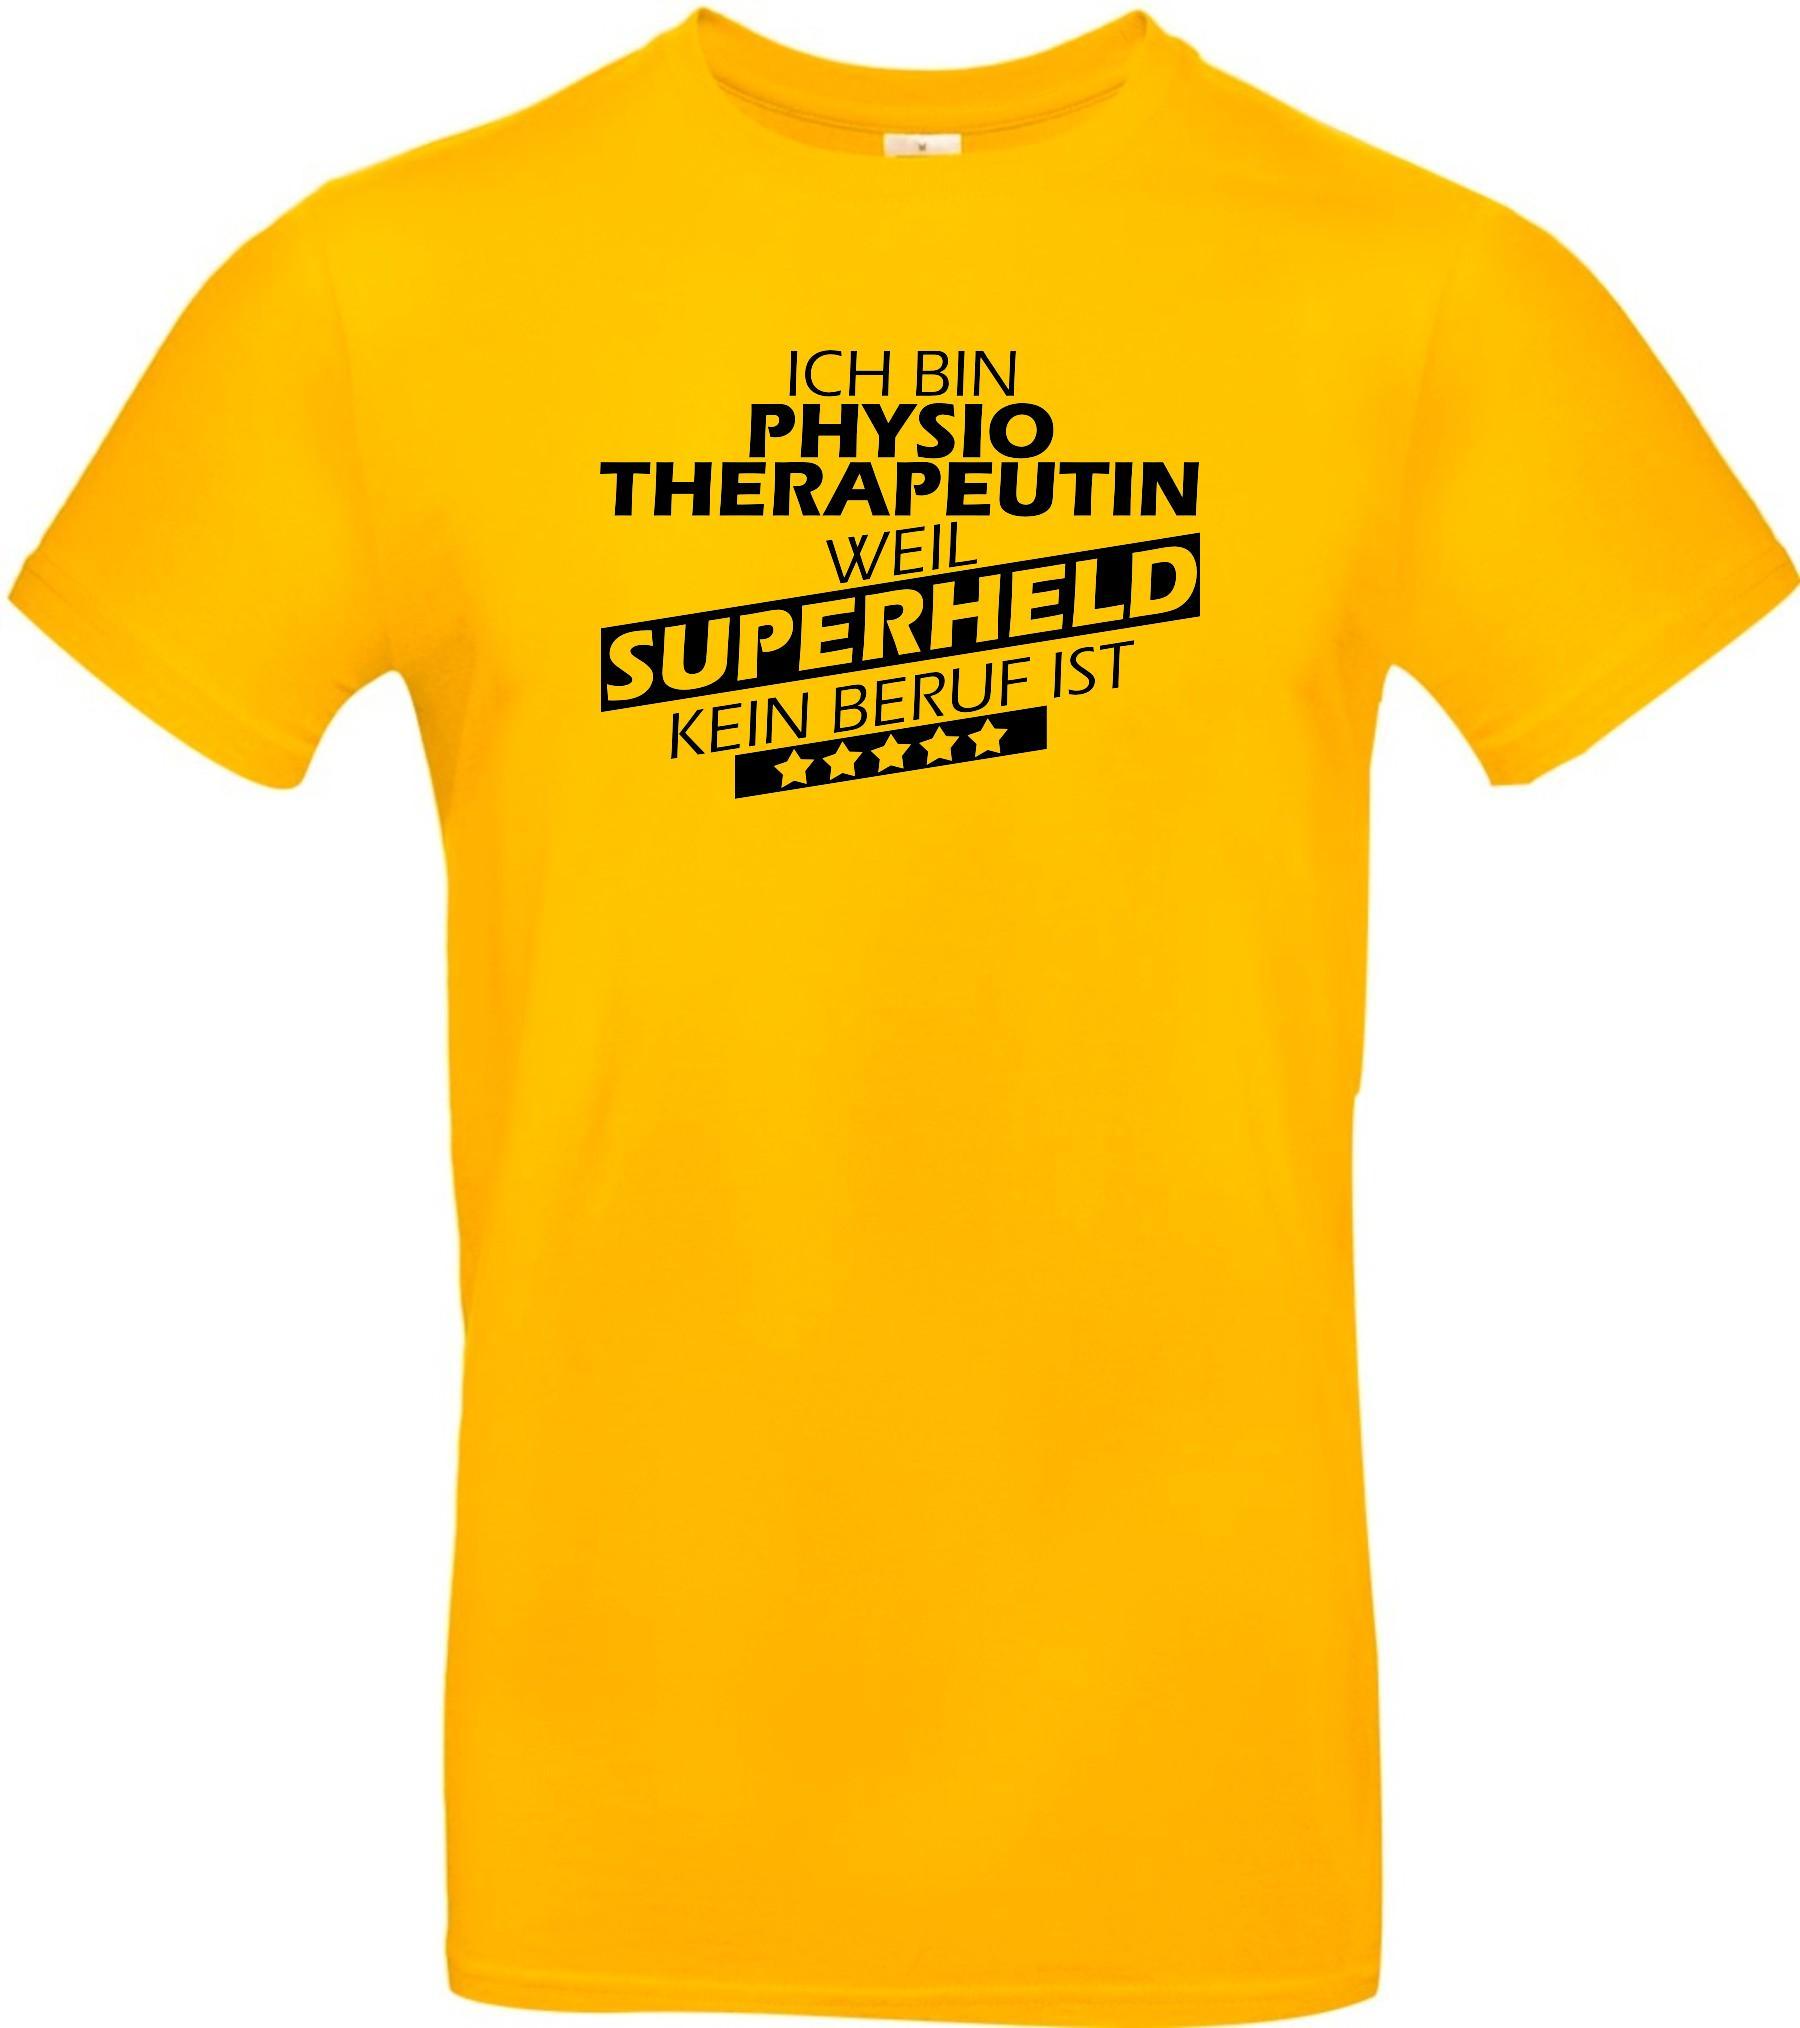 Shirtstown-Maenner-Shirt-Ich-bin-Physiotherapeutin-weil-Superheld-kein-Beruf-ist